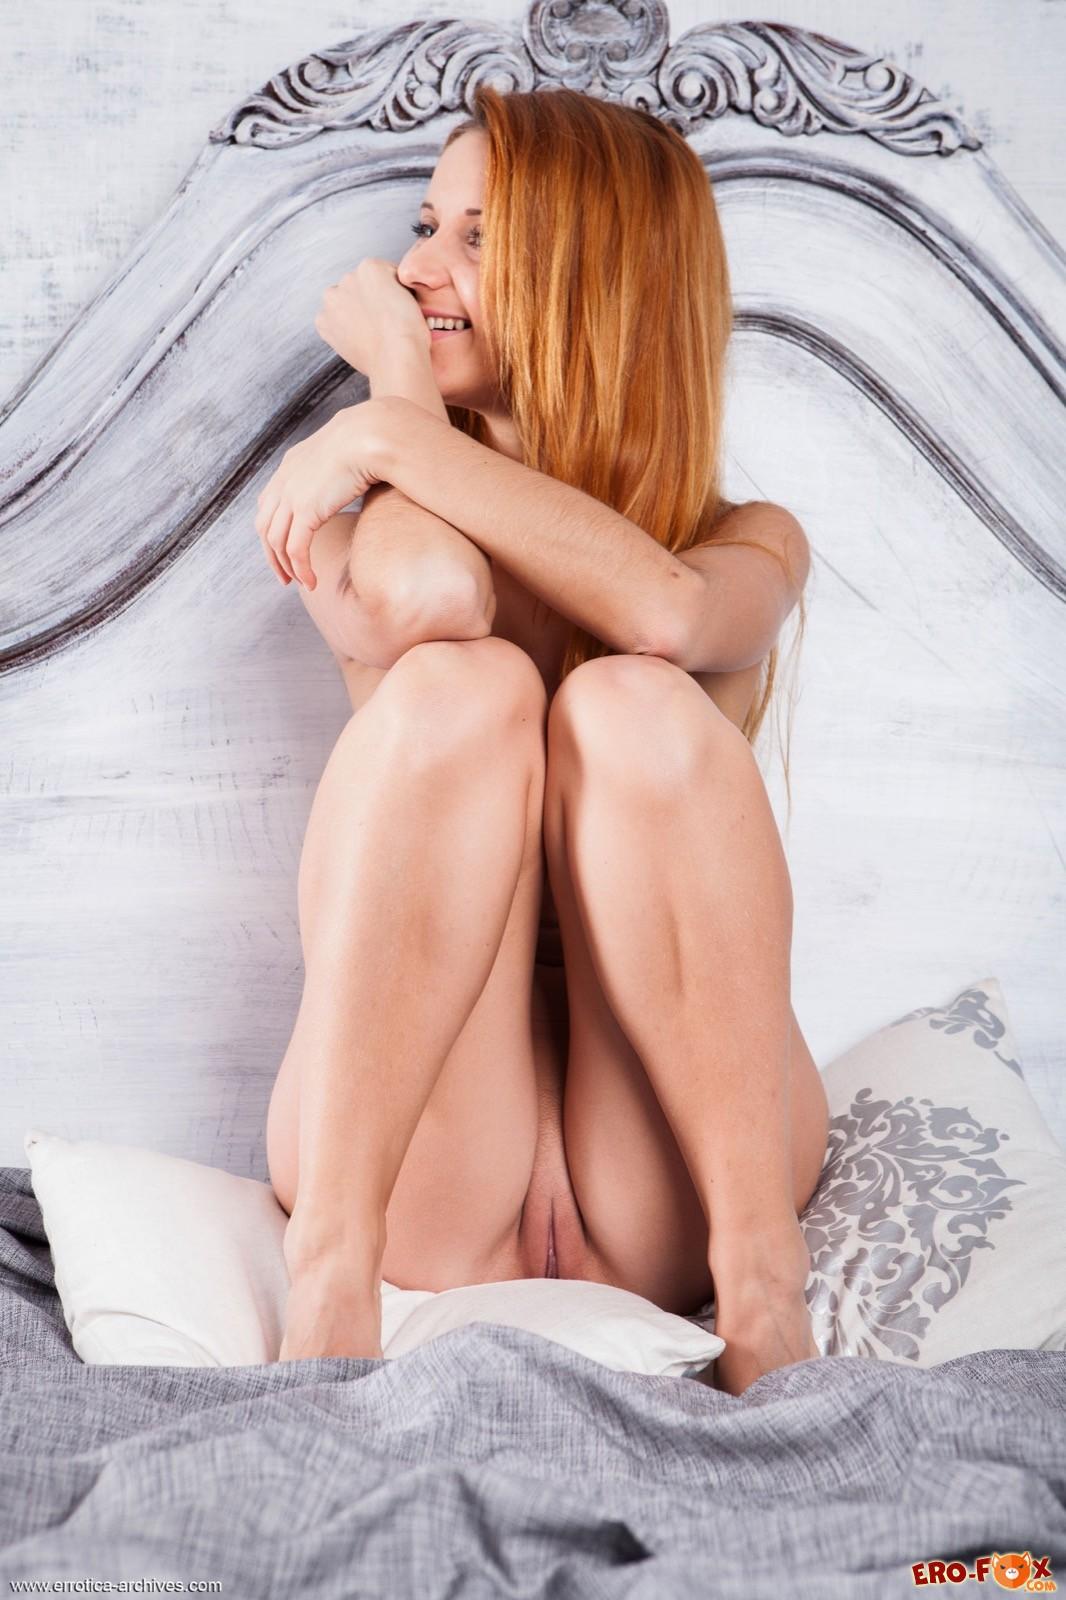 Голая рыжая девушка с бритой писькой